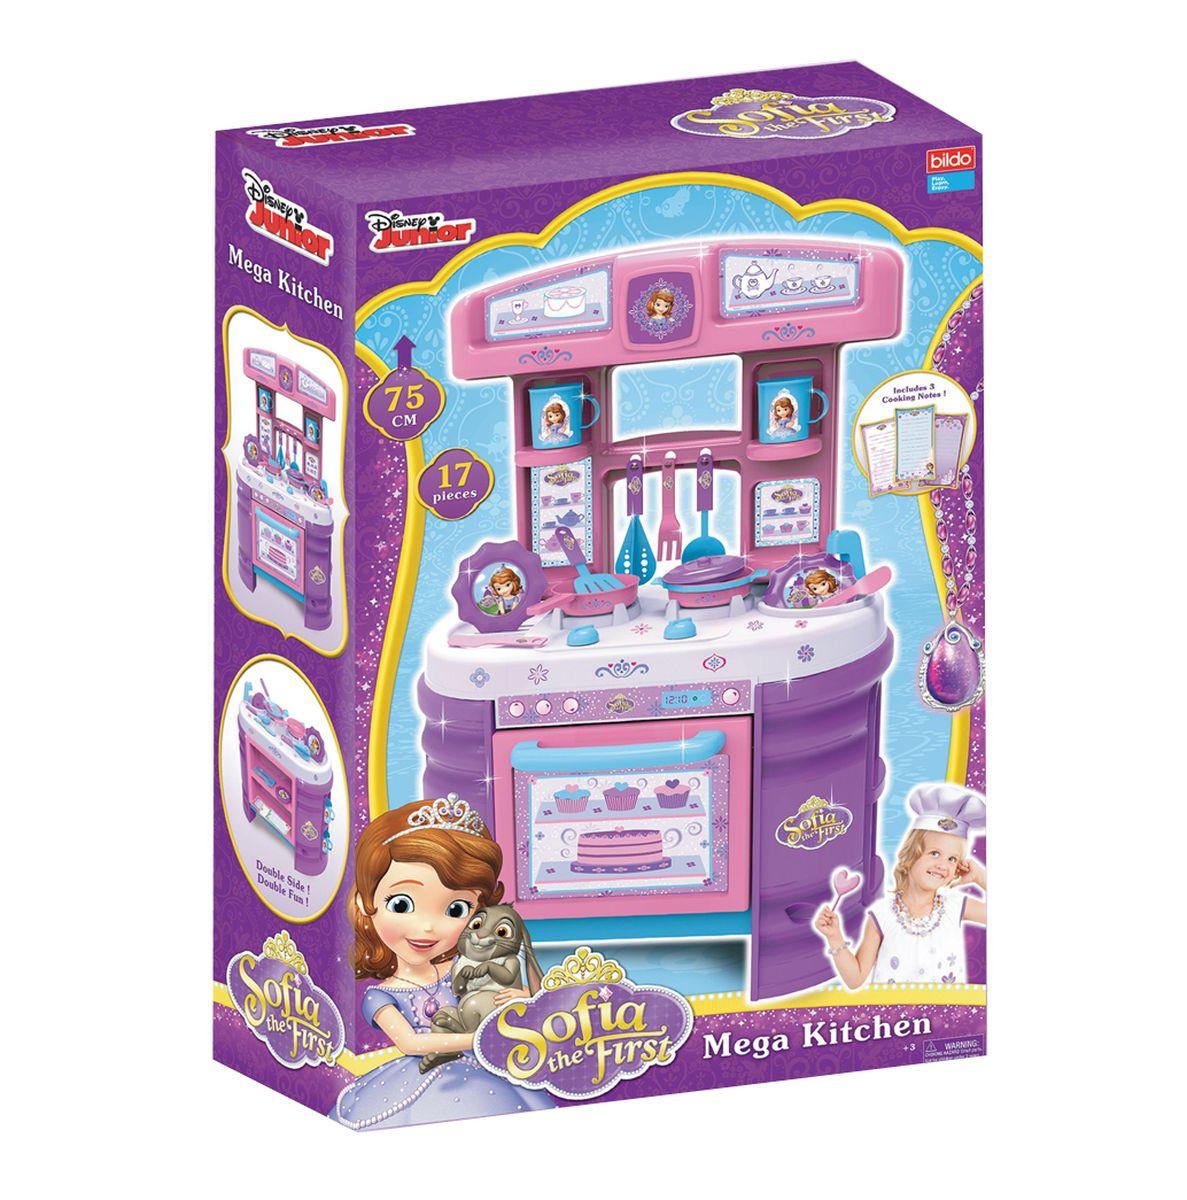 BILDO Игровая кухня большая Принцесса СофияB 8508B 8701 Игровая кухня большая Холодное сердце